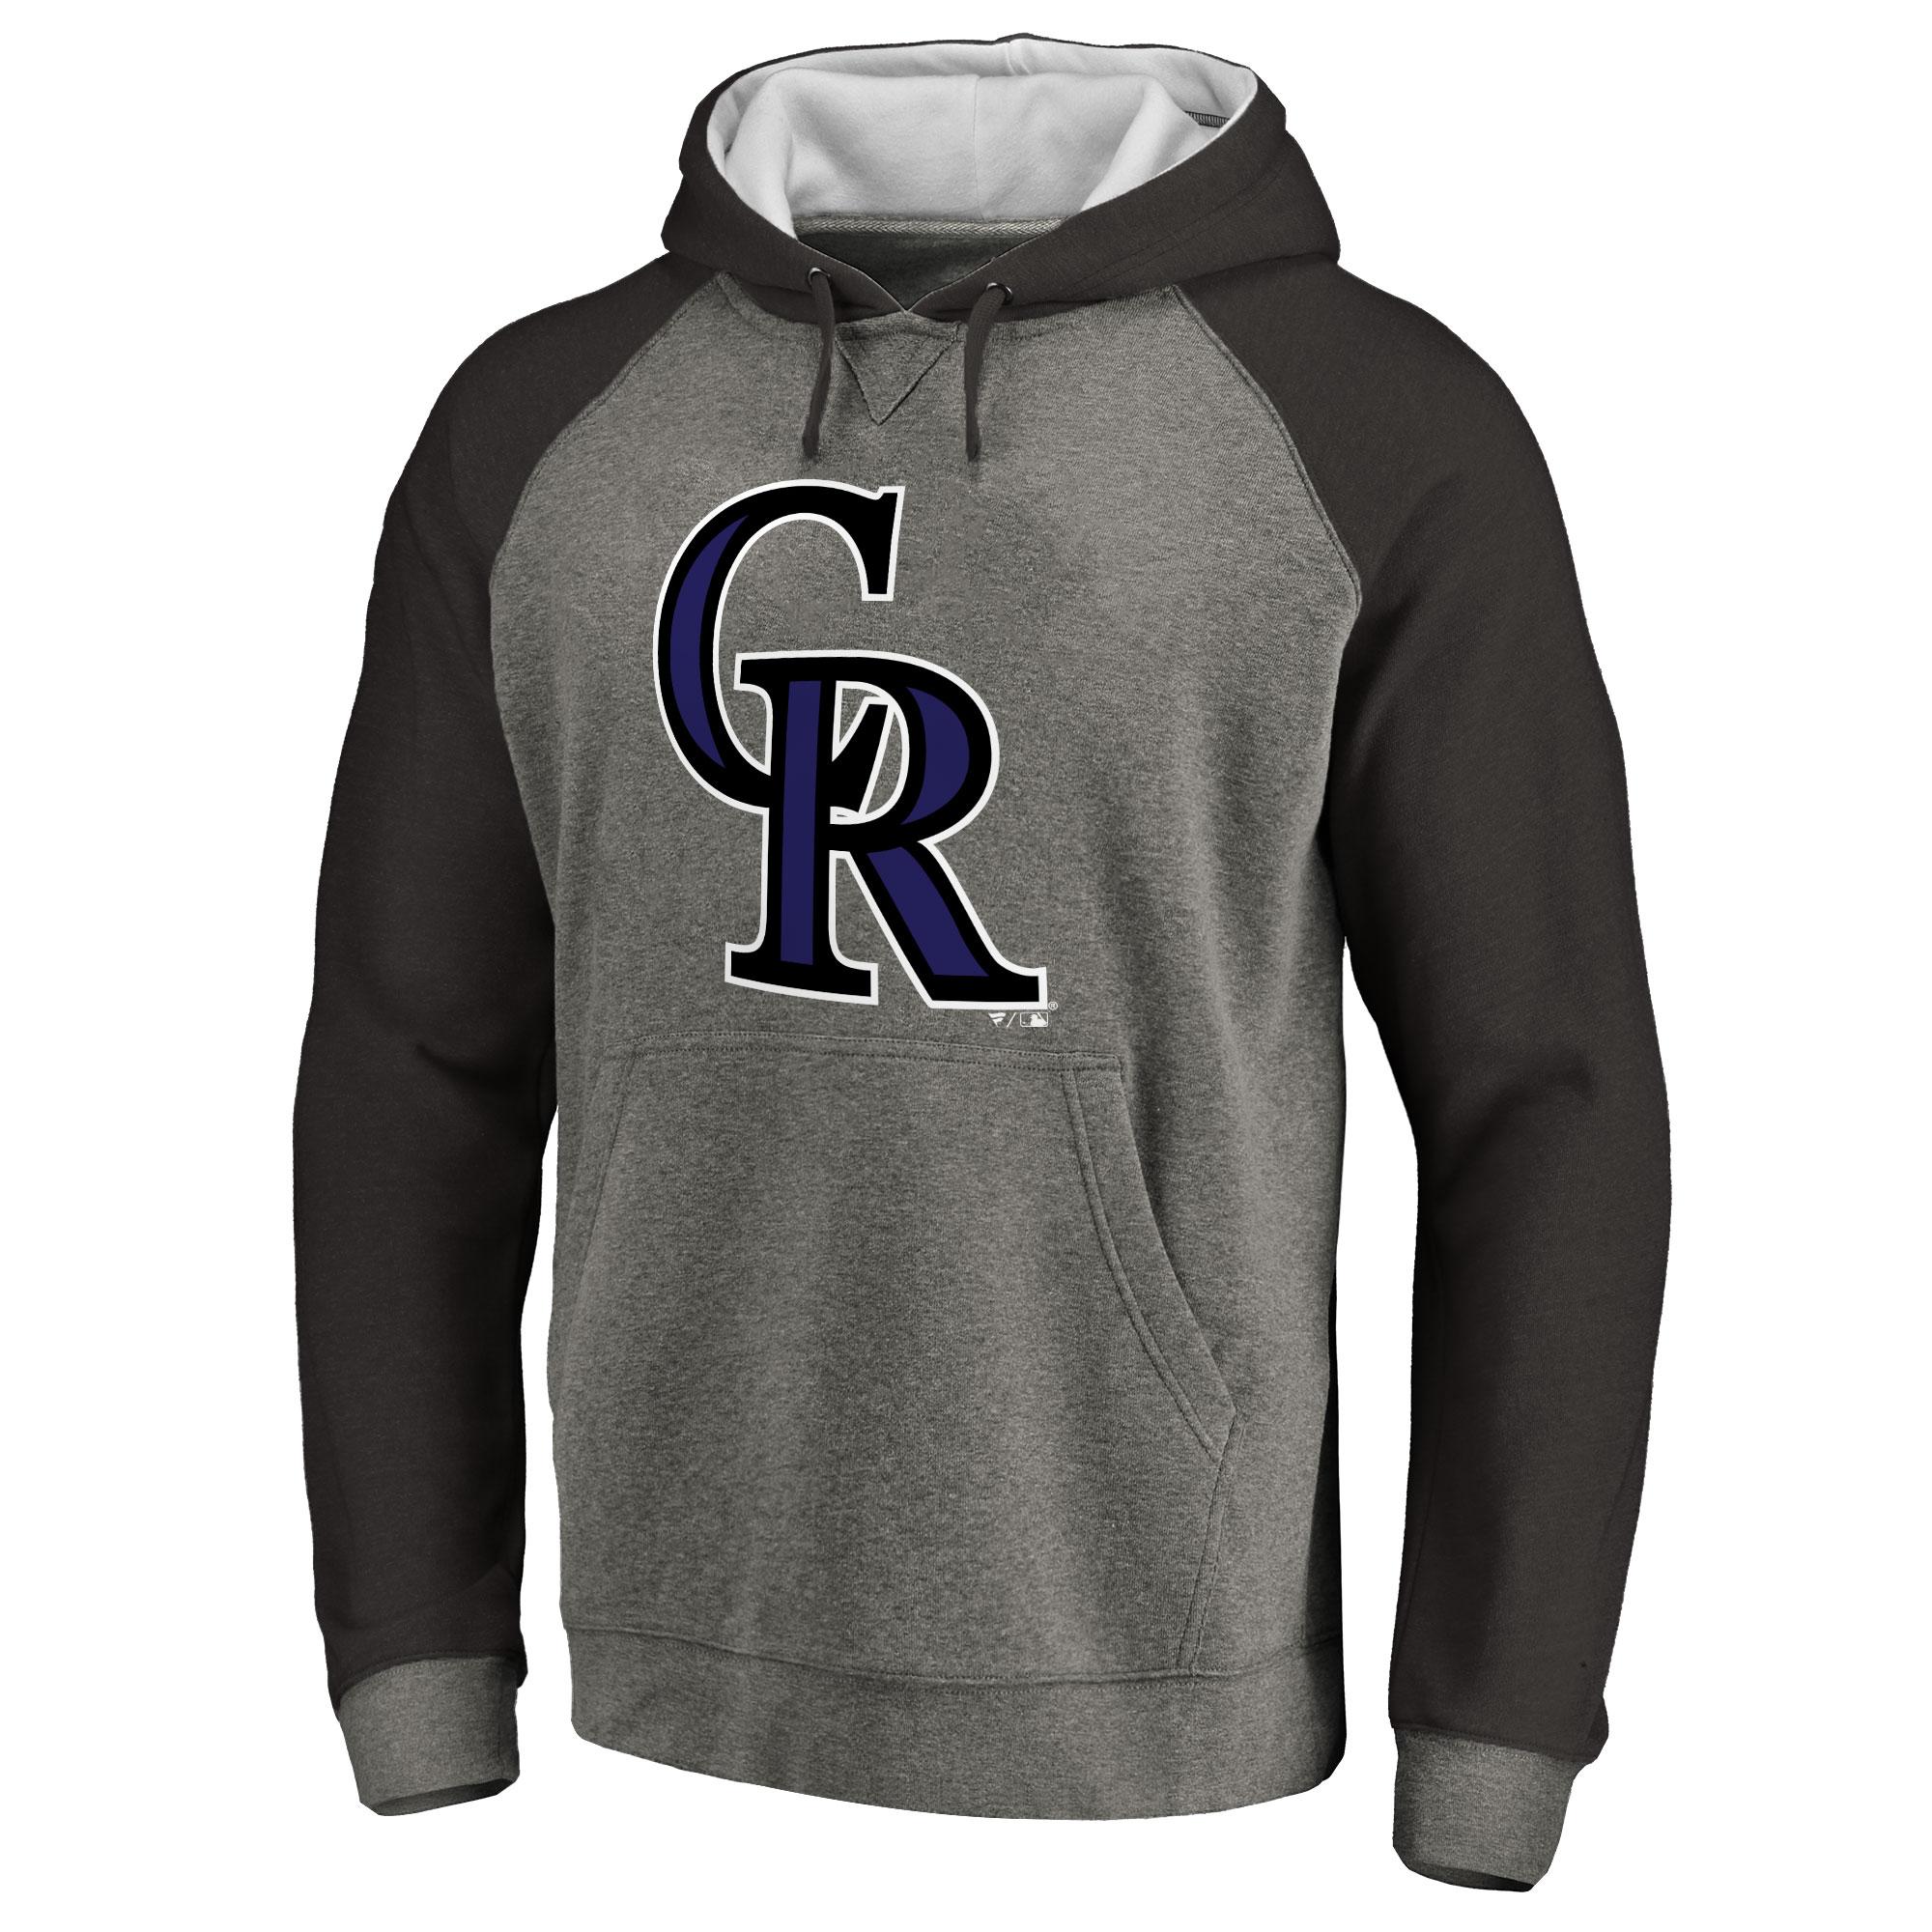 Colorado Rockies Primary Logo Raglan Sleeve Tri-Blend Pullover Hoodie - Ash